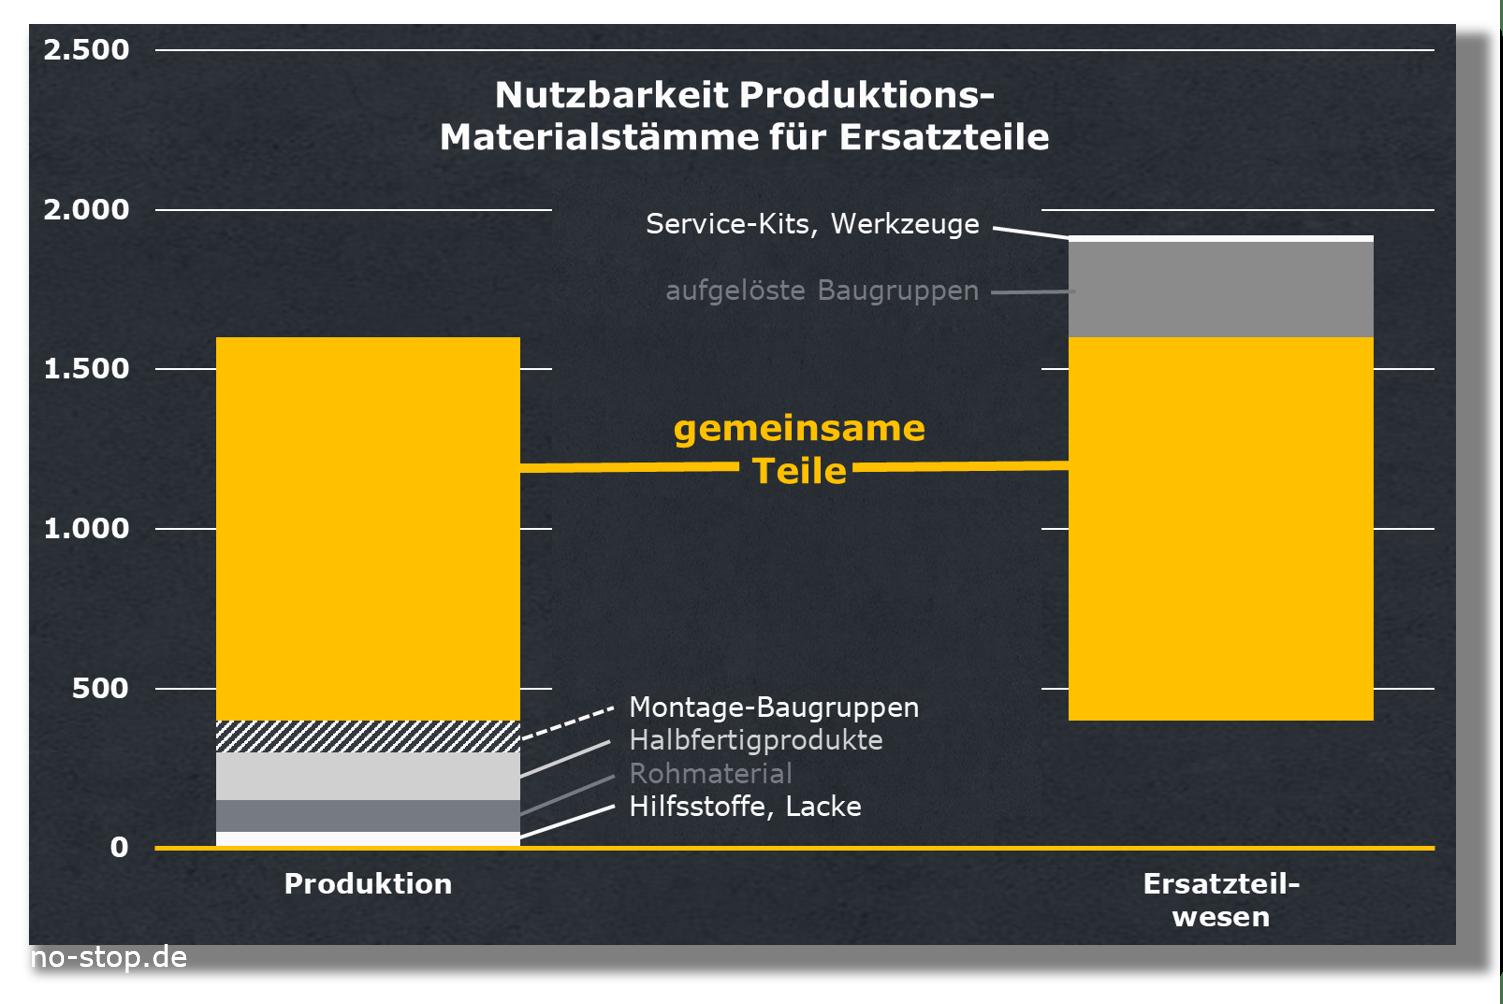 Master Data der Produktion nutzbar bei SOP für Ersatzteilwesen